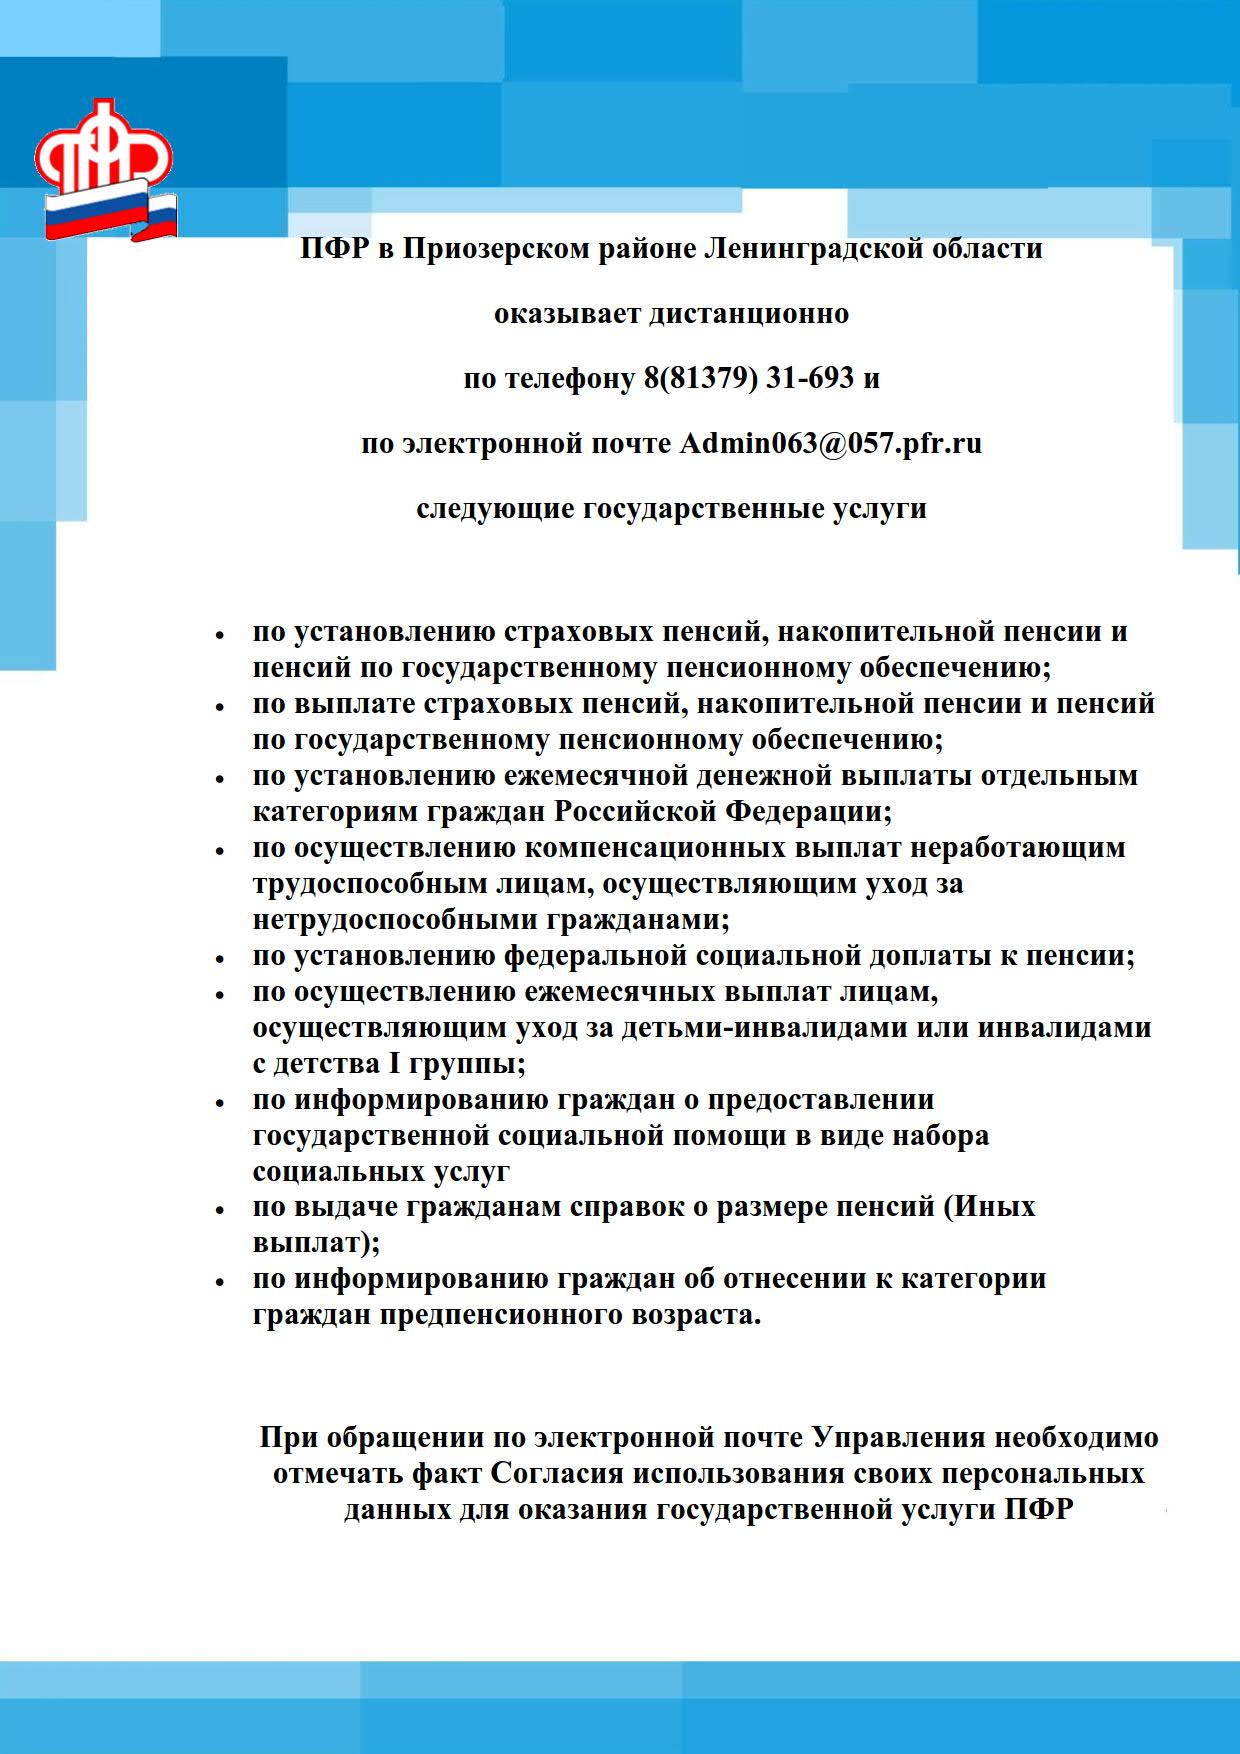 перечень услуг_1